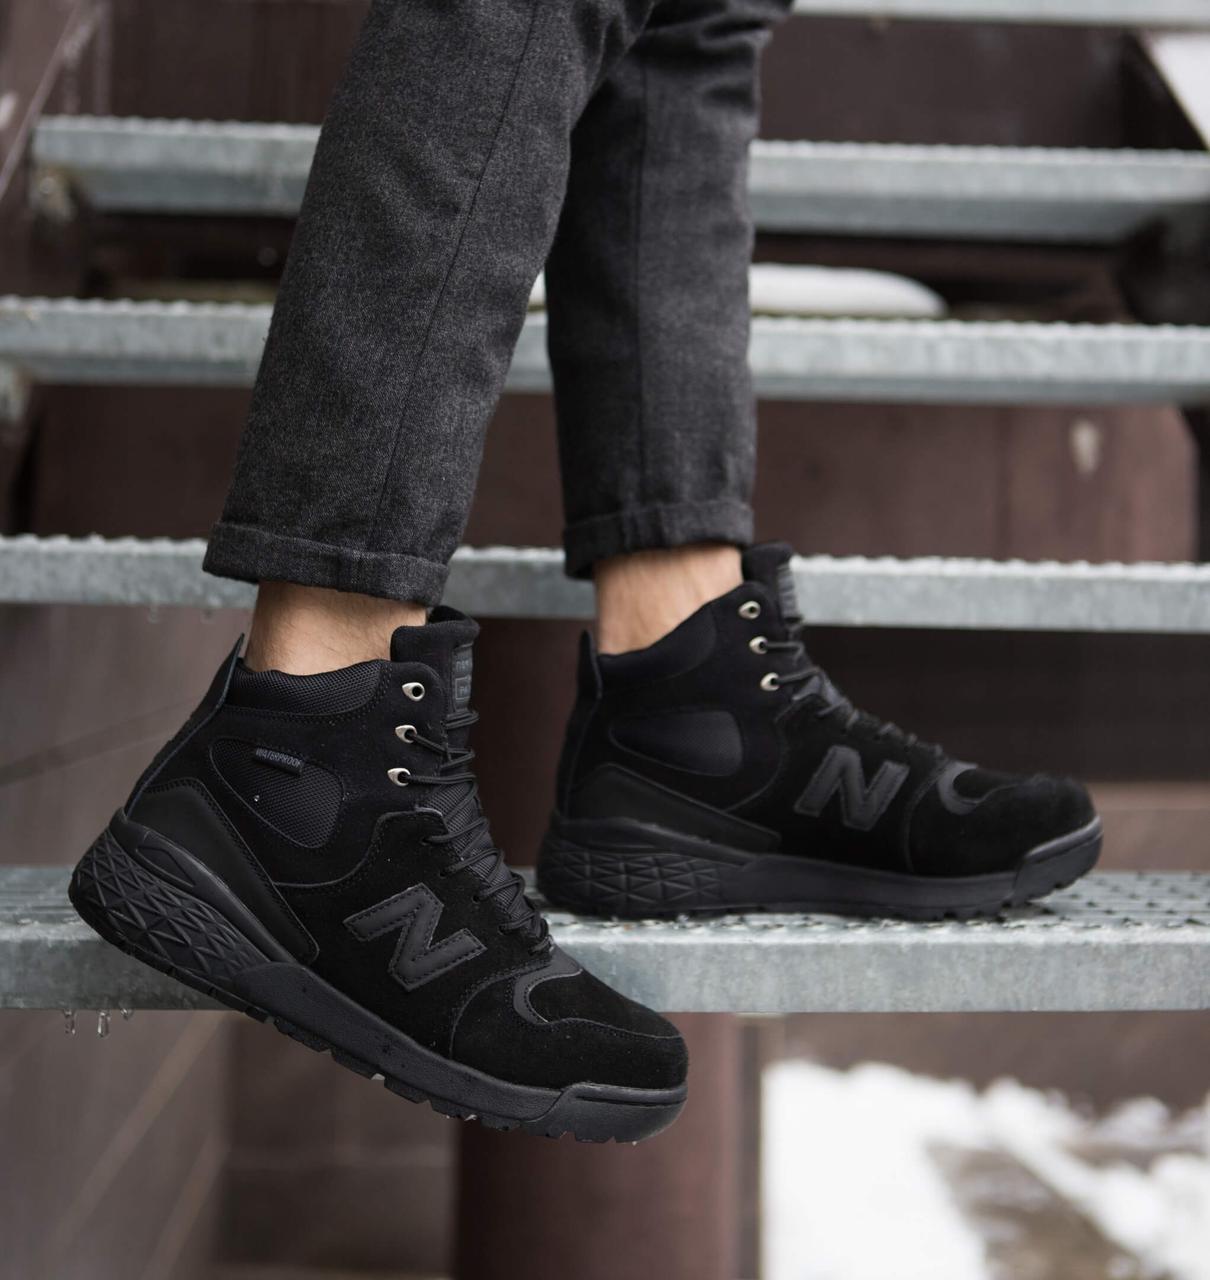 Мужские ботинки Парадокс Pobedov (черные)